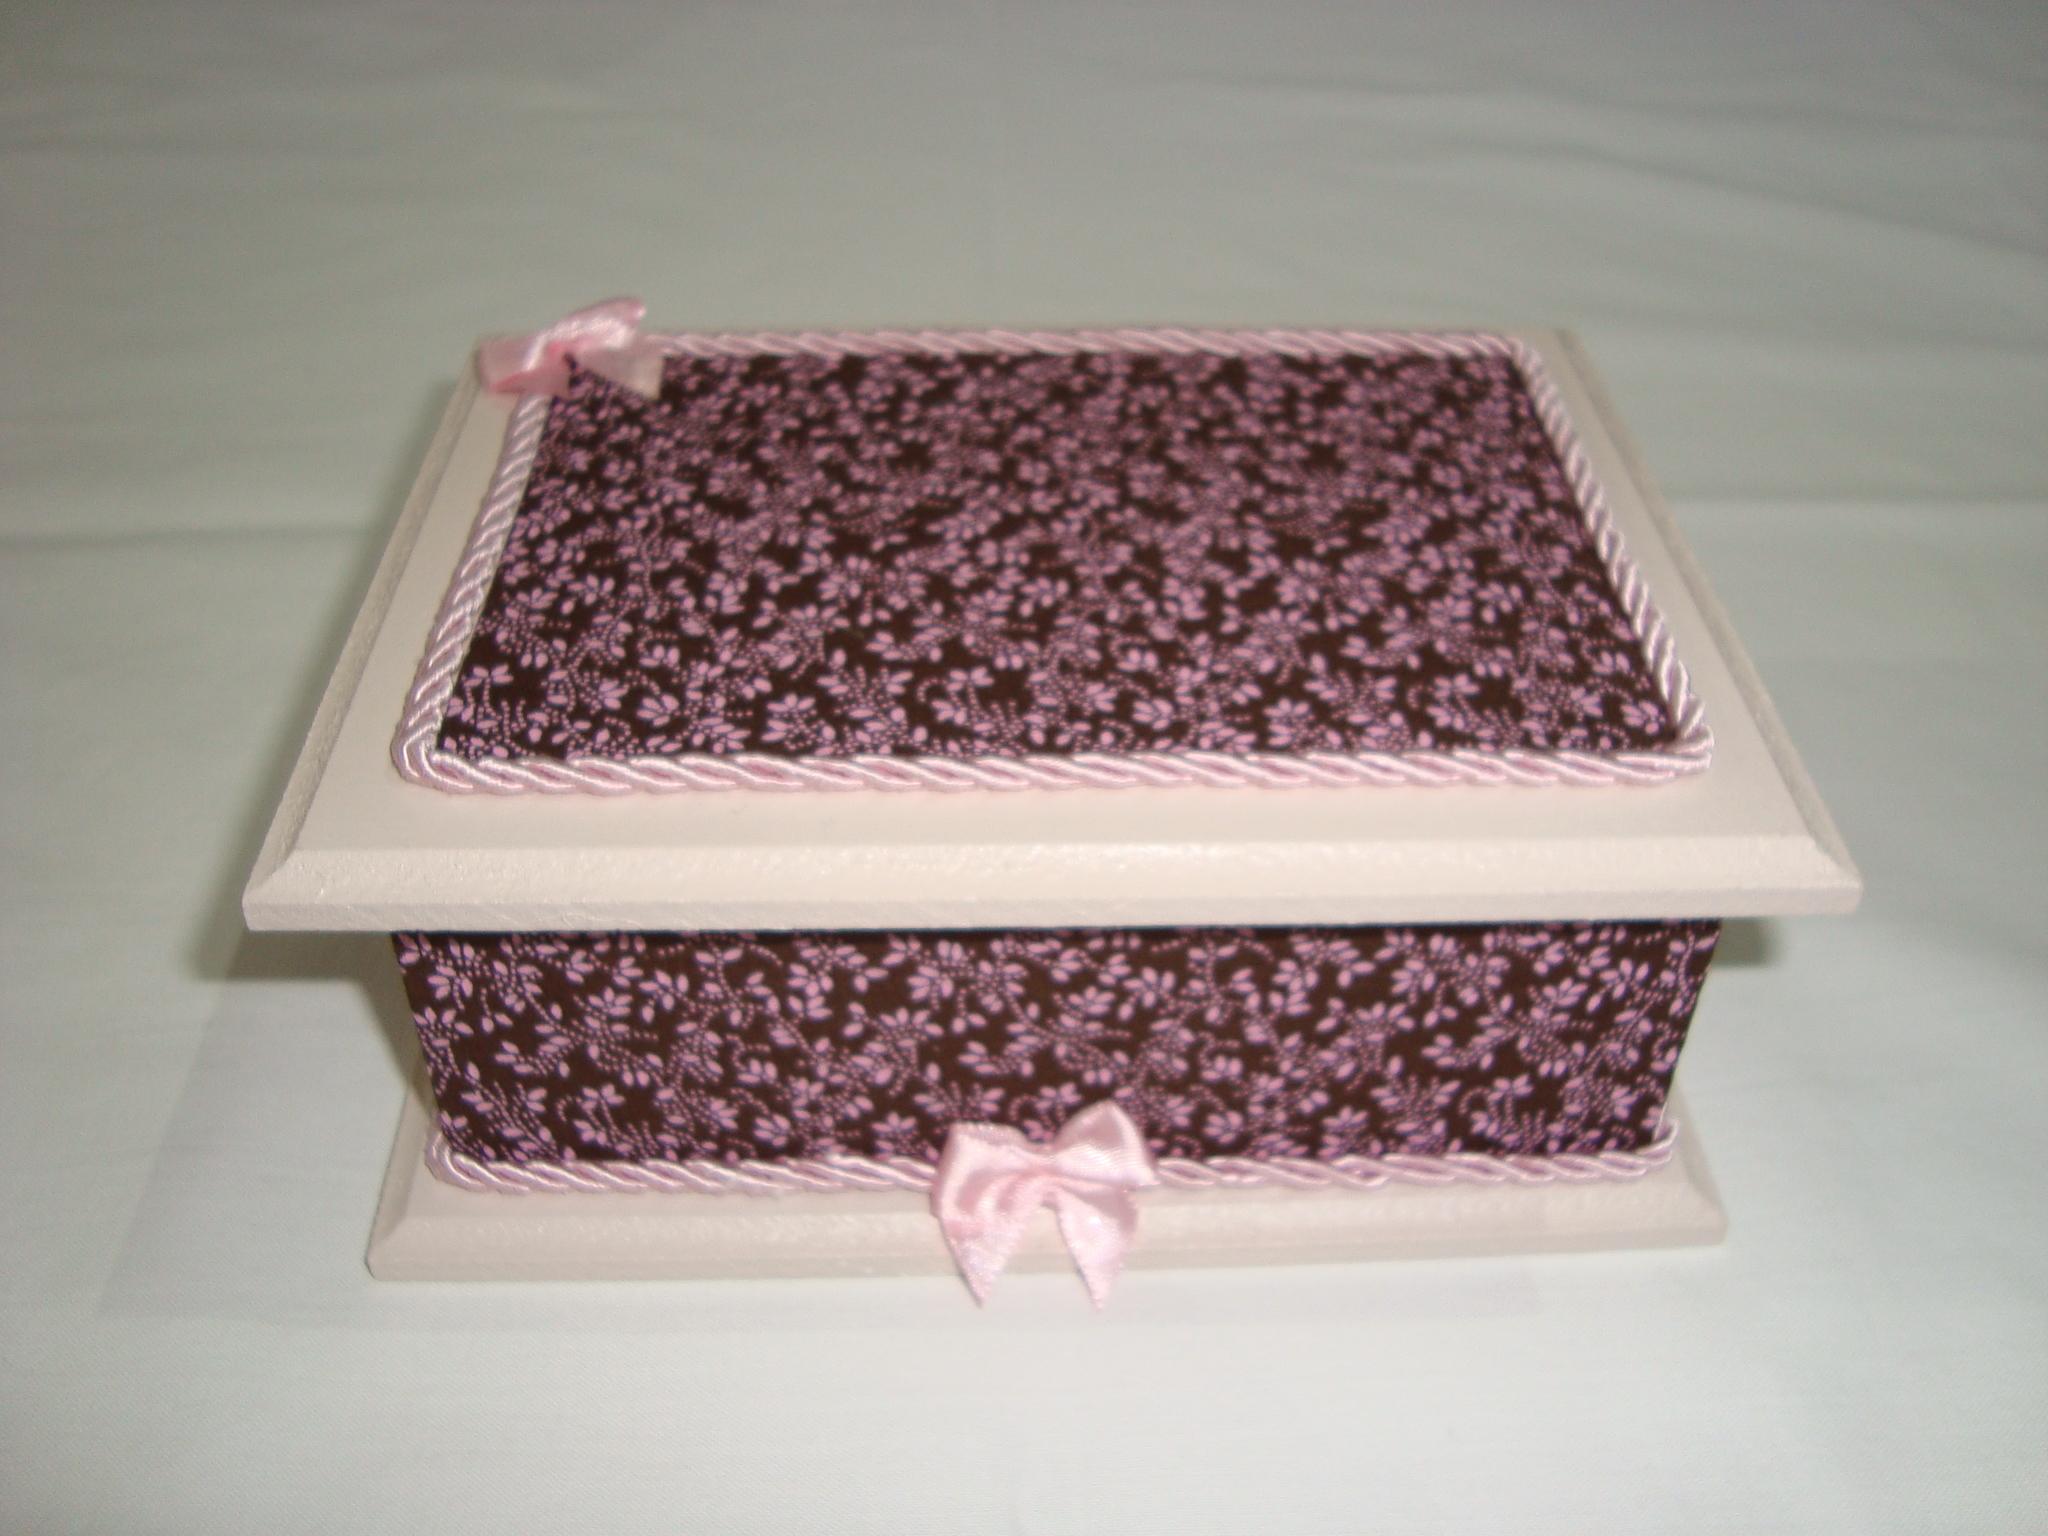 caixa de madeira decorada com tecido caixa de madeira decorada com  #844756 2048x1536